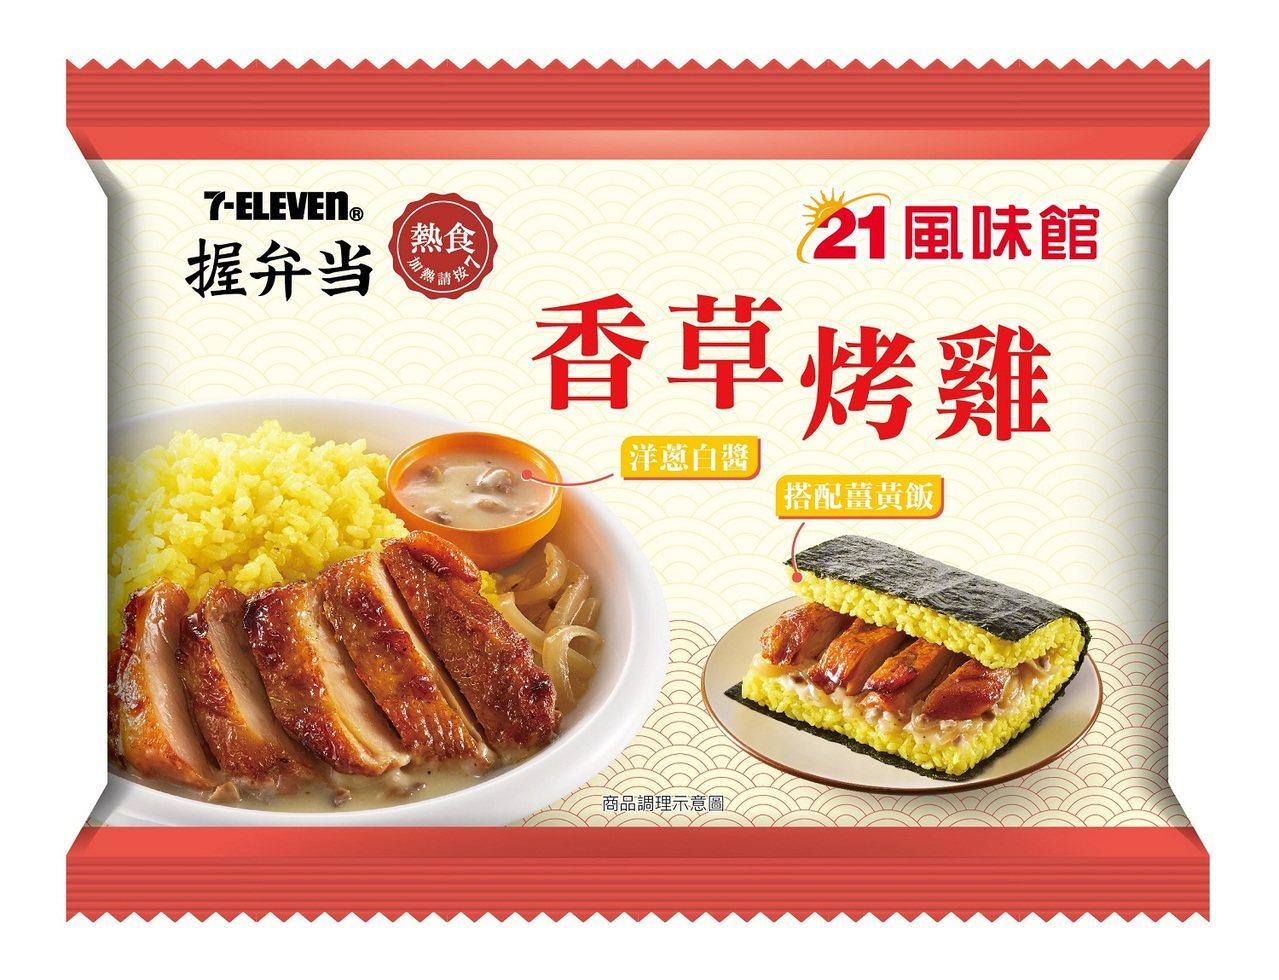 21風味館香草烤雞握便當,售價59元,限量30萬份。圖/7-ELEVEN提供